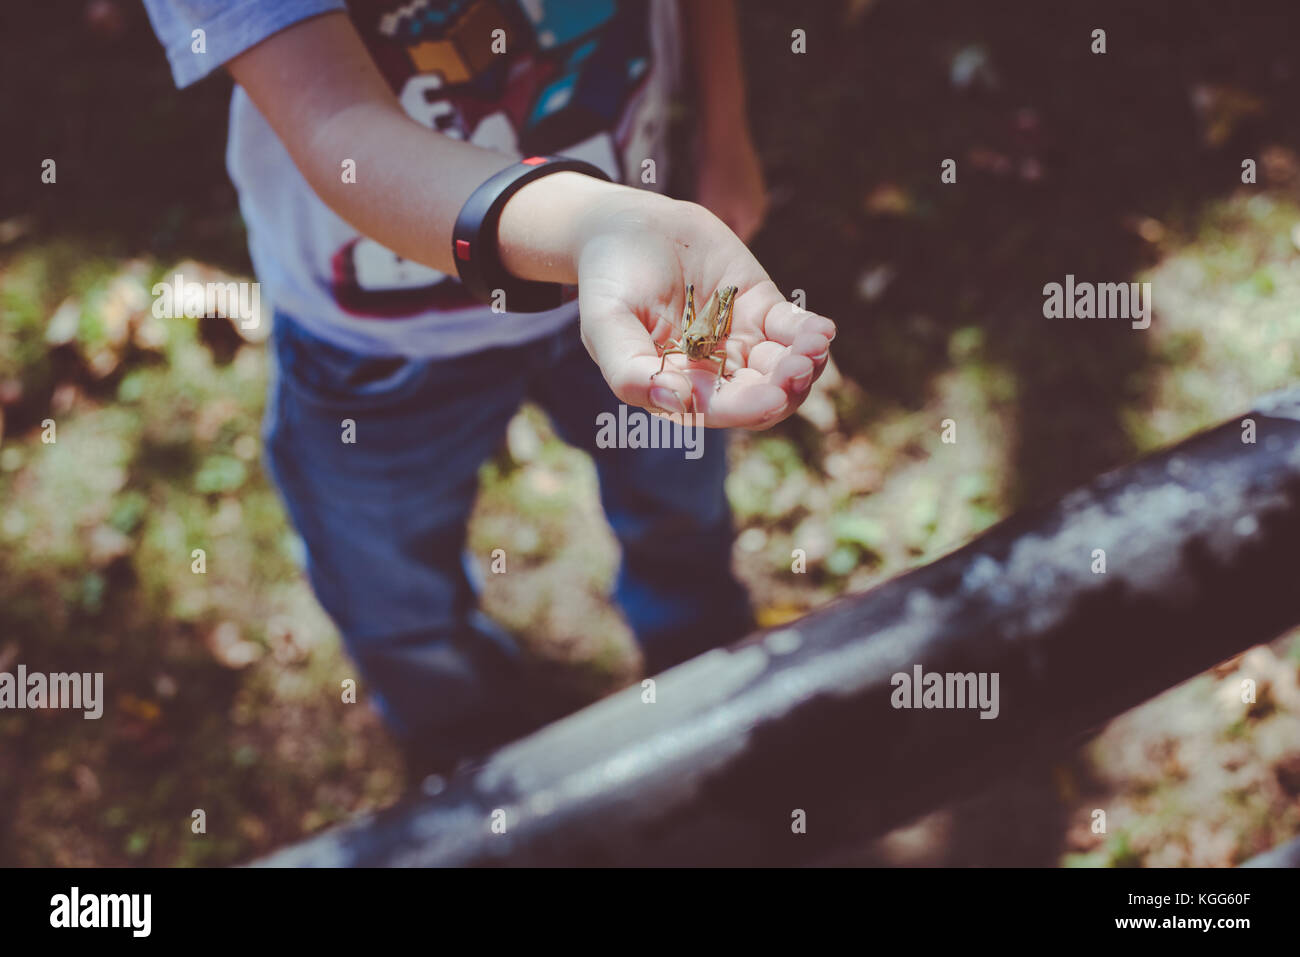 Ein Kind hält eine Heuschrecke in Ihrer Hand Stockbild